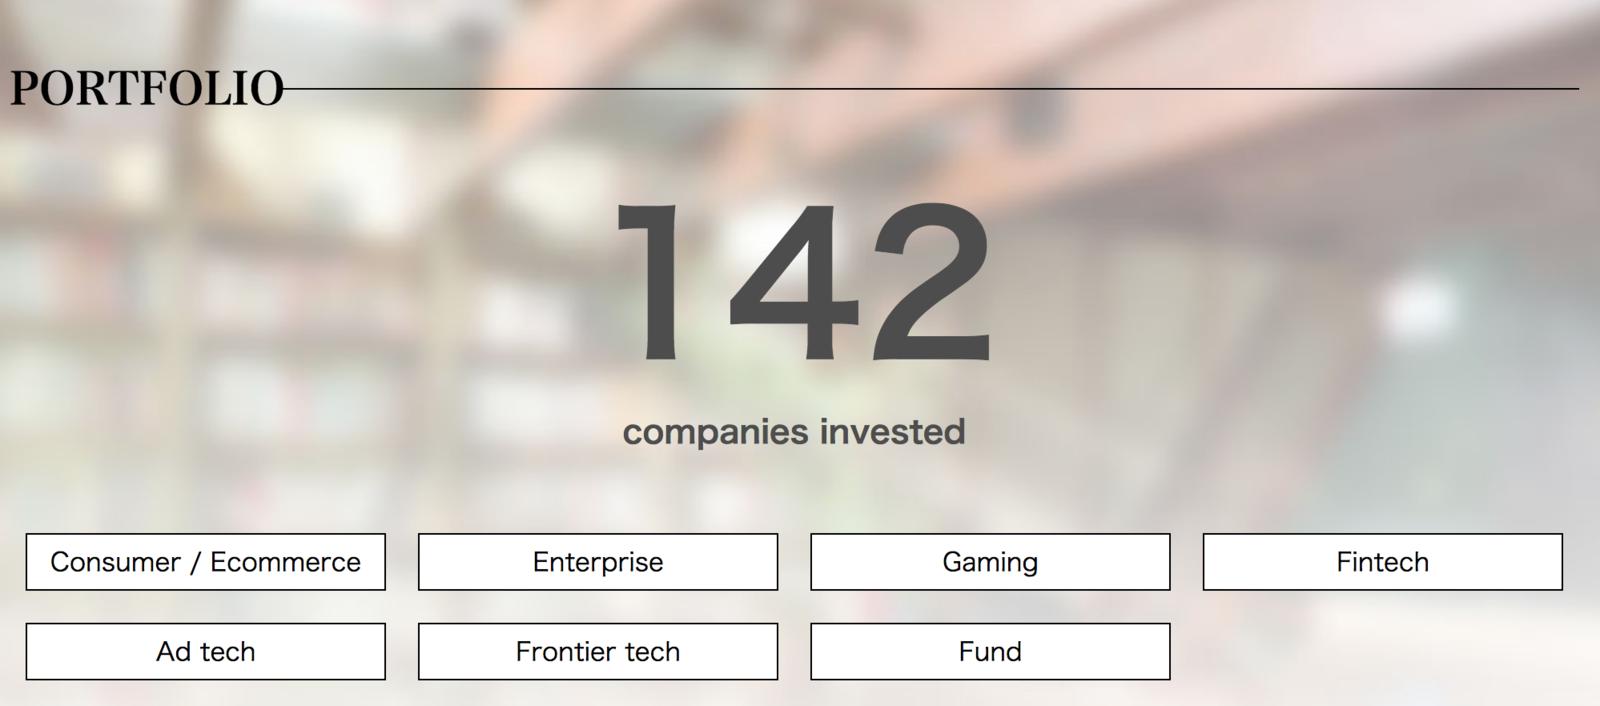 出資先企業数